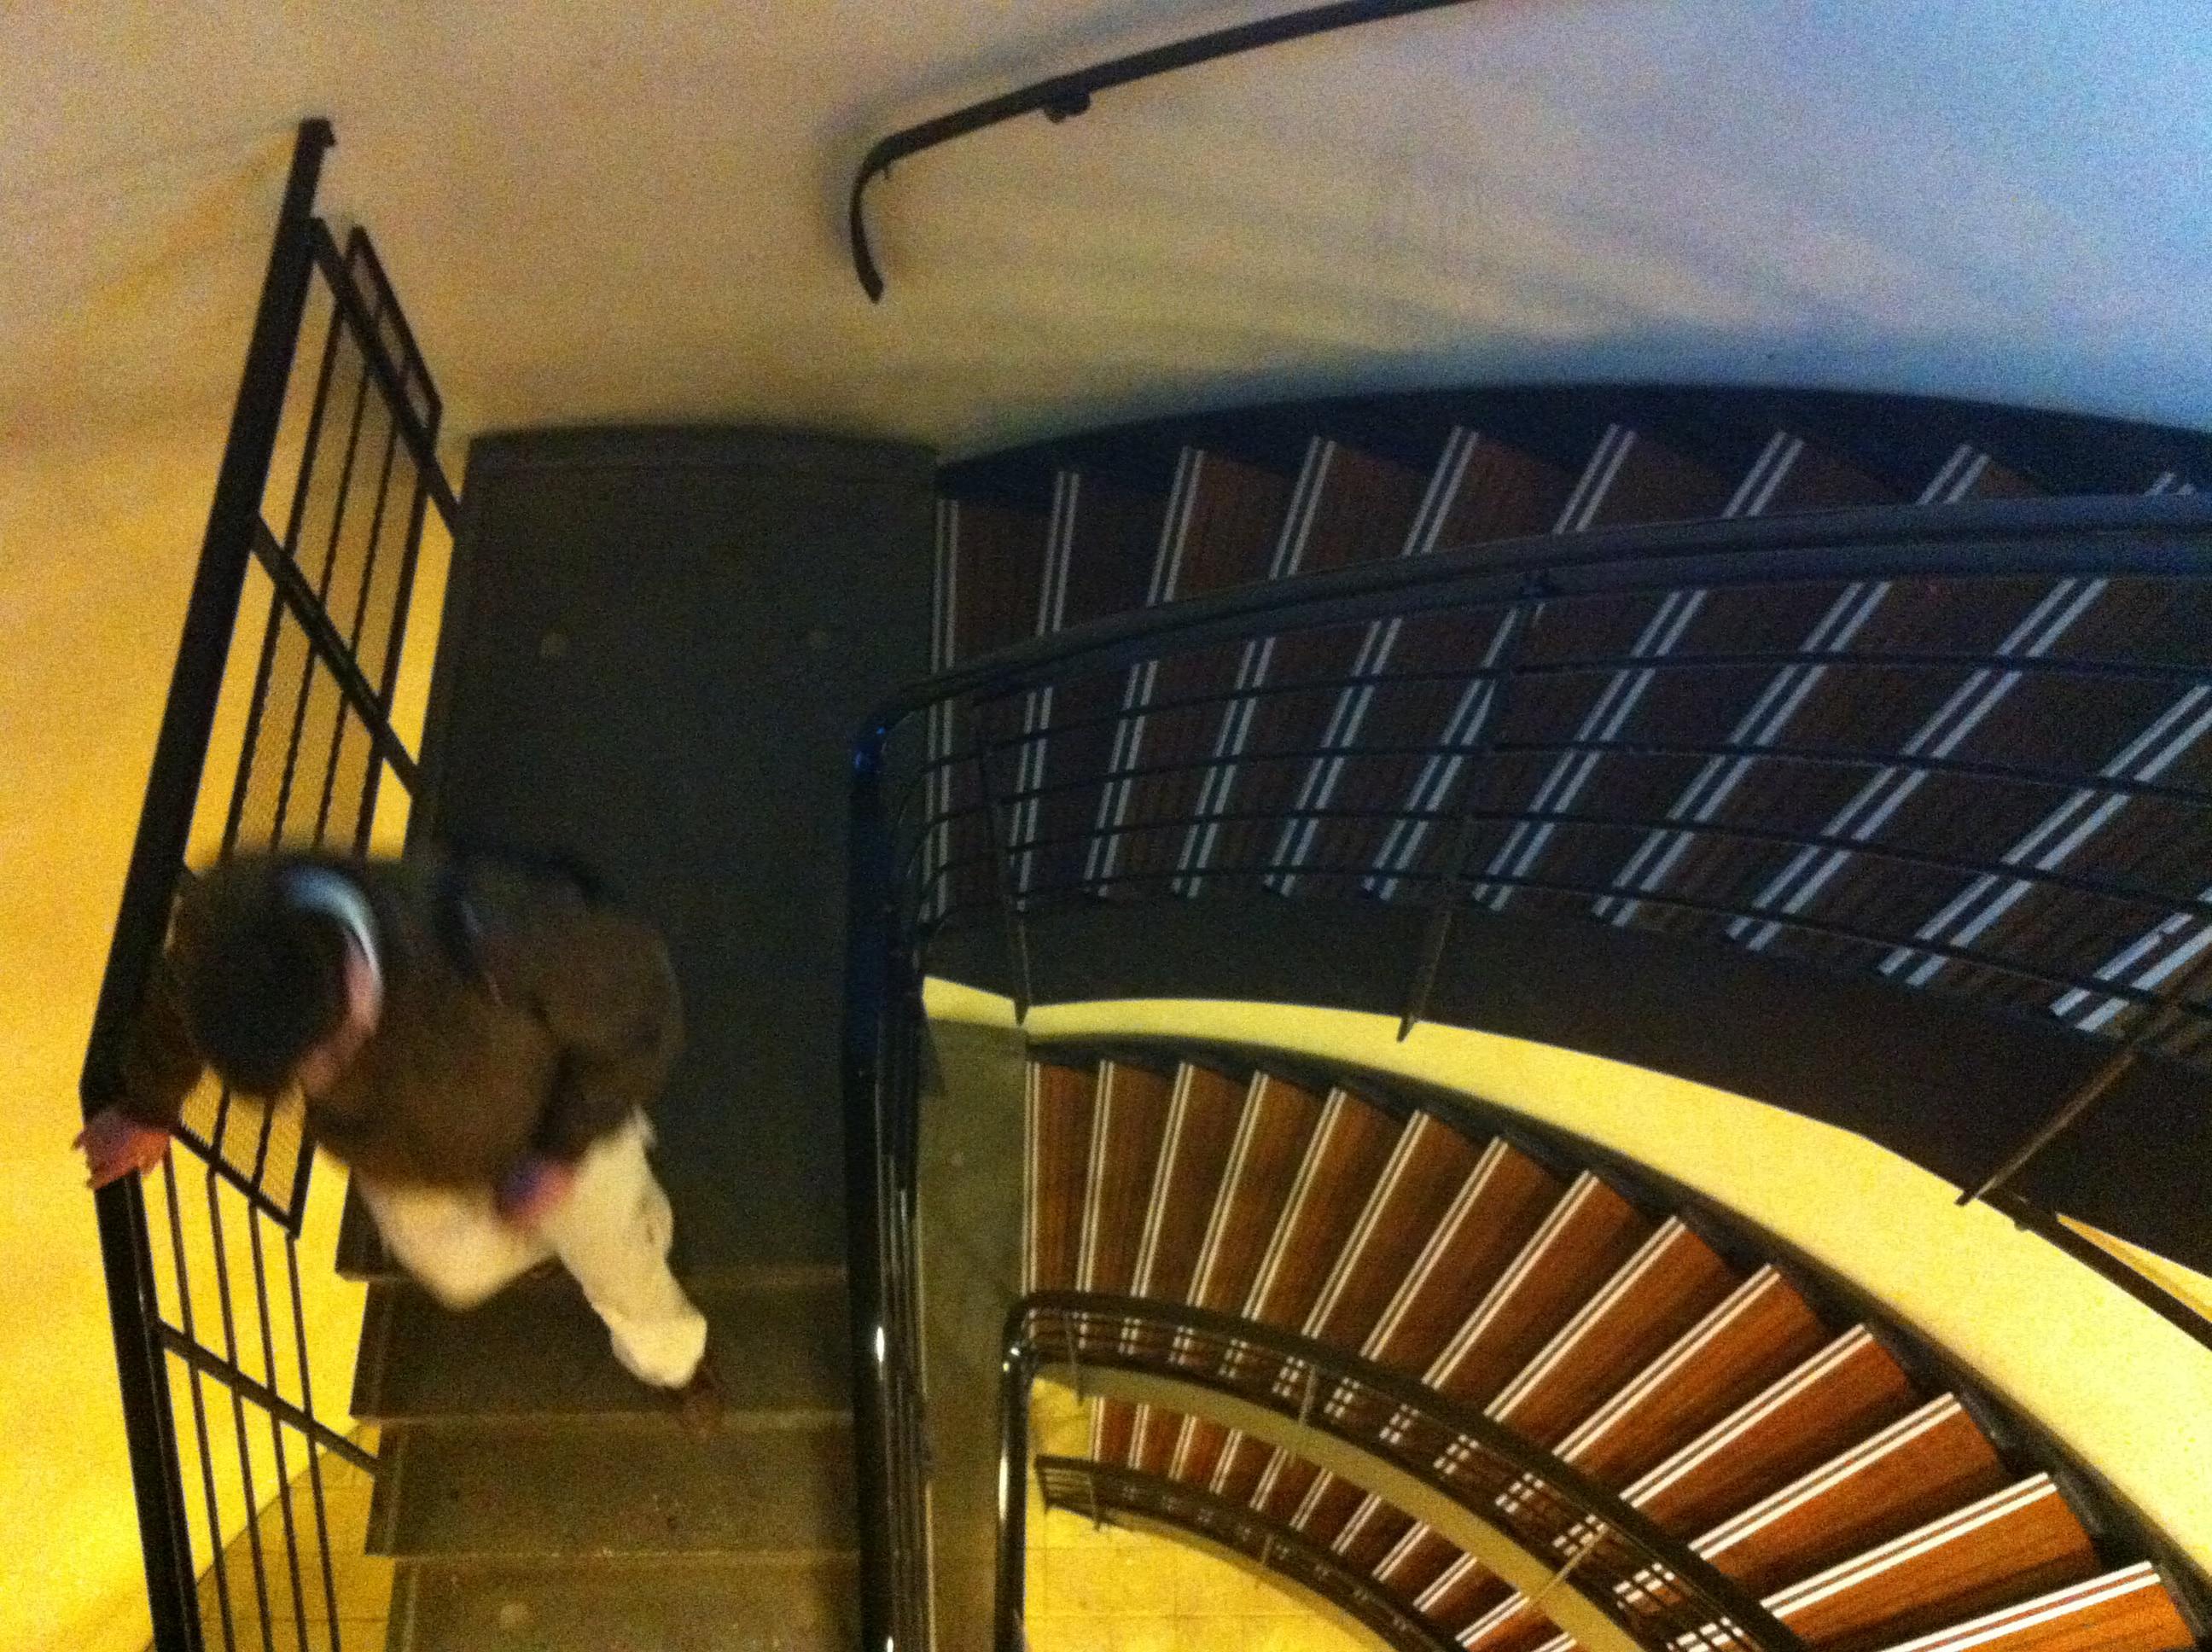 TE-SERIE-STAIRS-IMG_6261.JPG